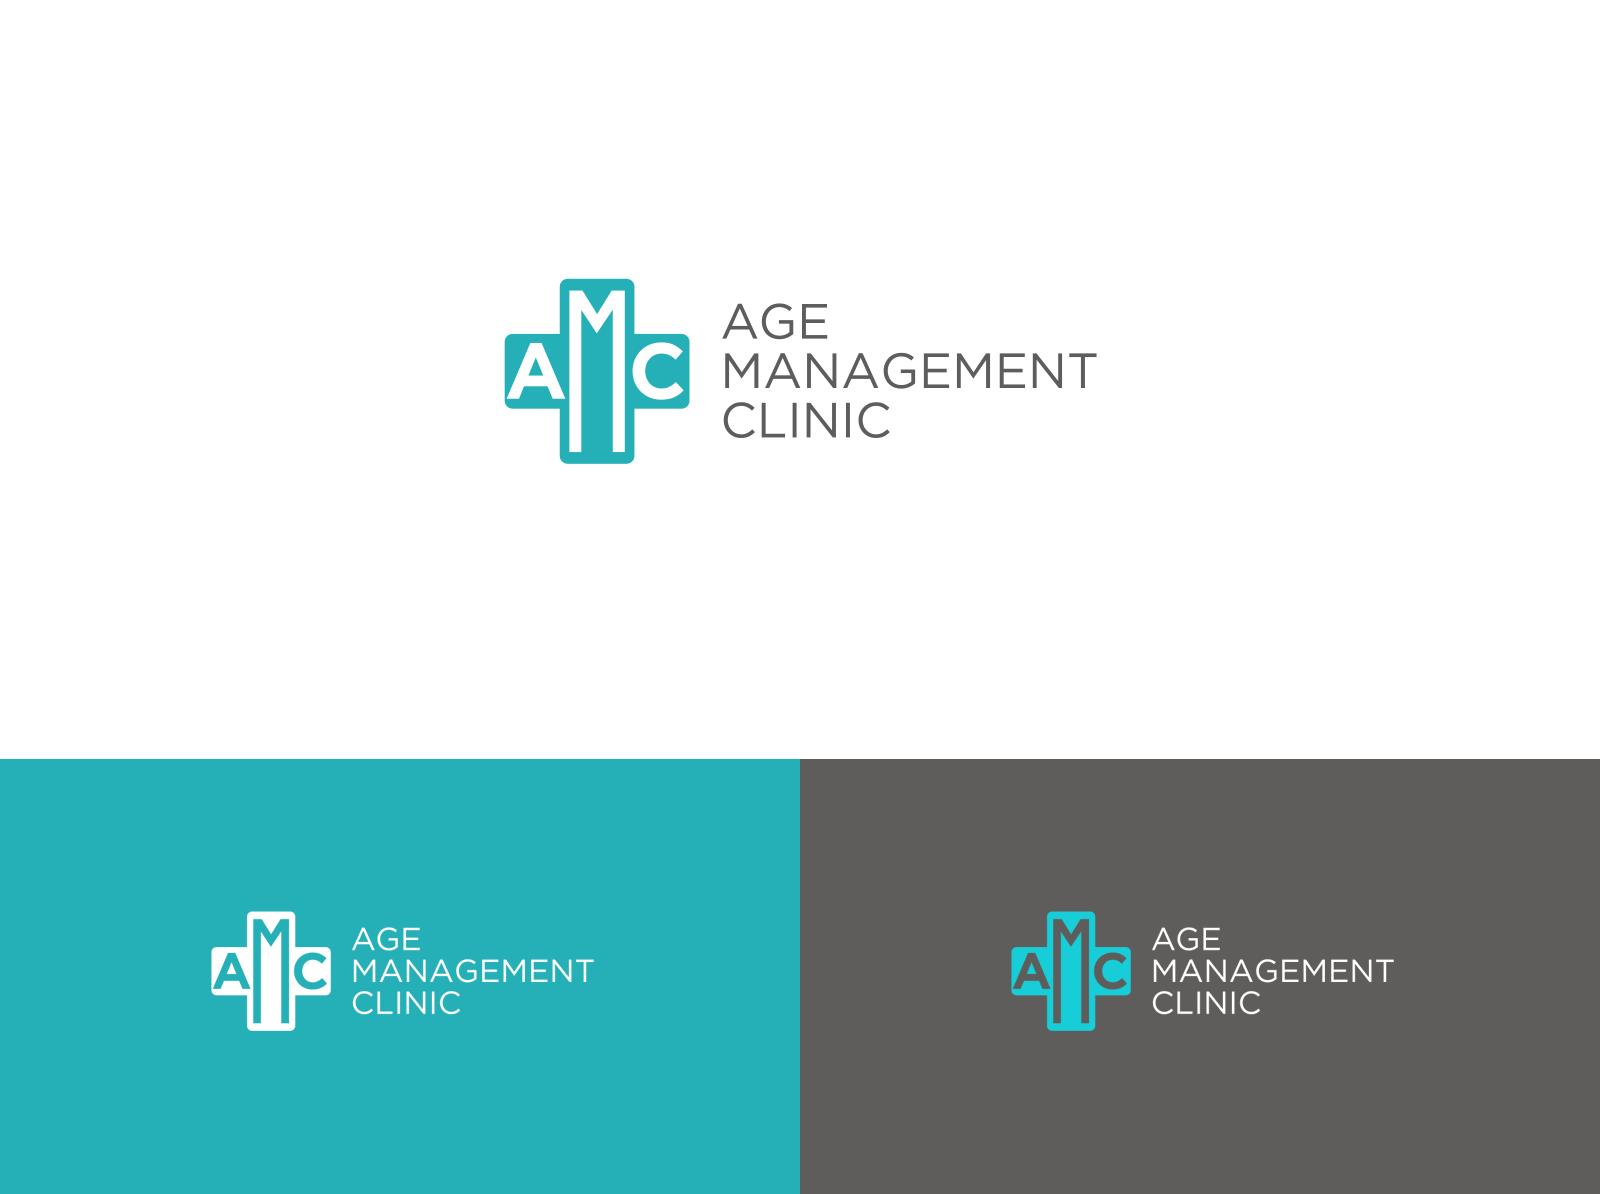 Логотип для медицинского центра (клиники)  фото f_1885b99439f4e534.png